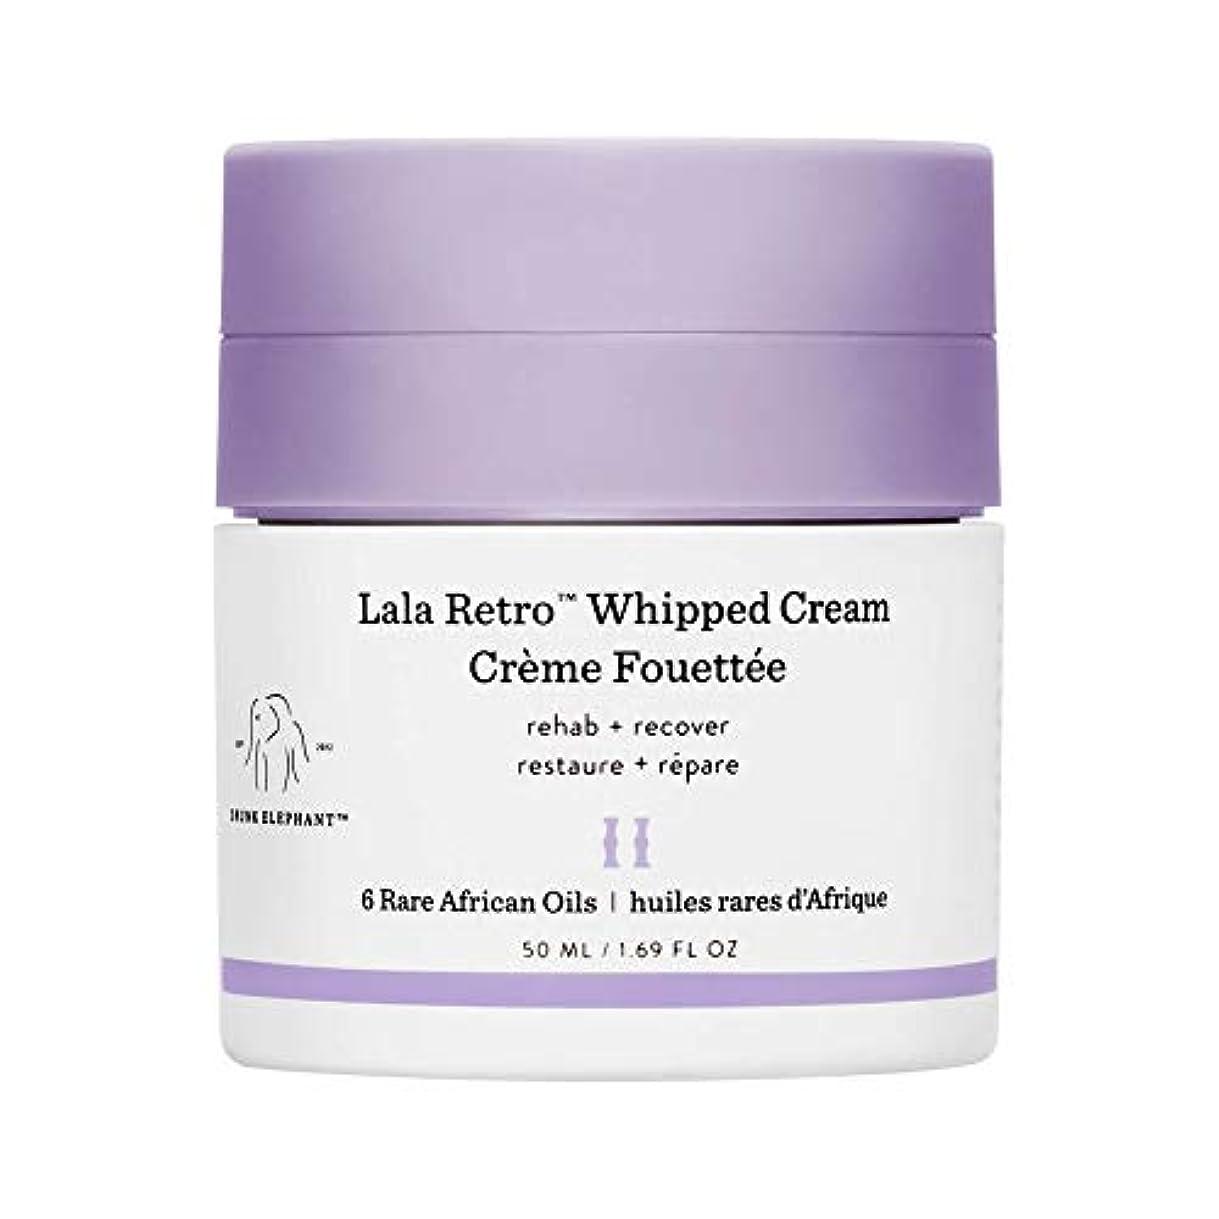 抱擁理解する幽霊DRUNK ELEPHANT Lala Retro Whipped Cream 1.69 oz/ 50 ml ドランクエレファント ララレトロ ホイップドクリーム 1.69 oz/ 50 ml